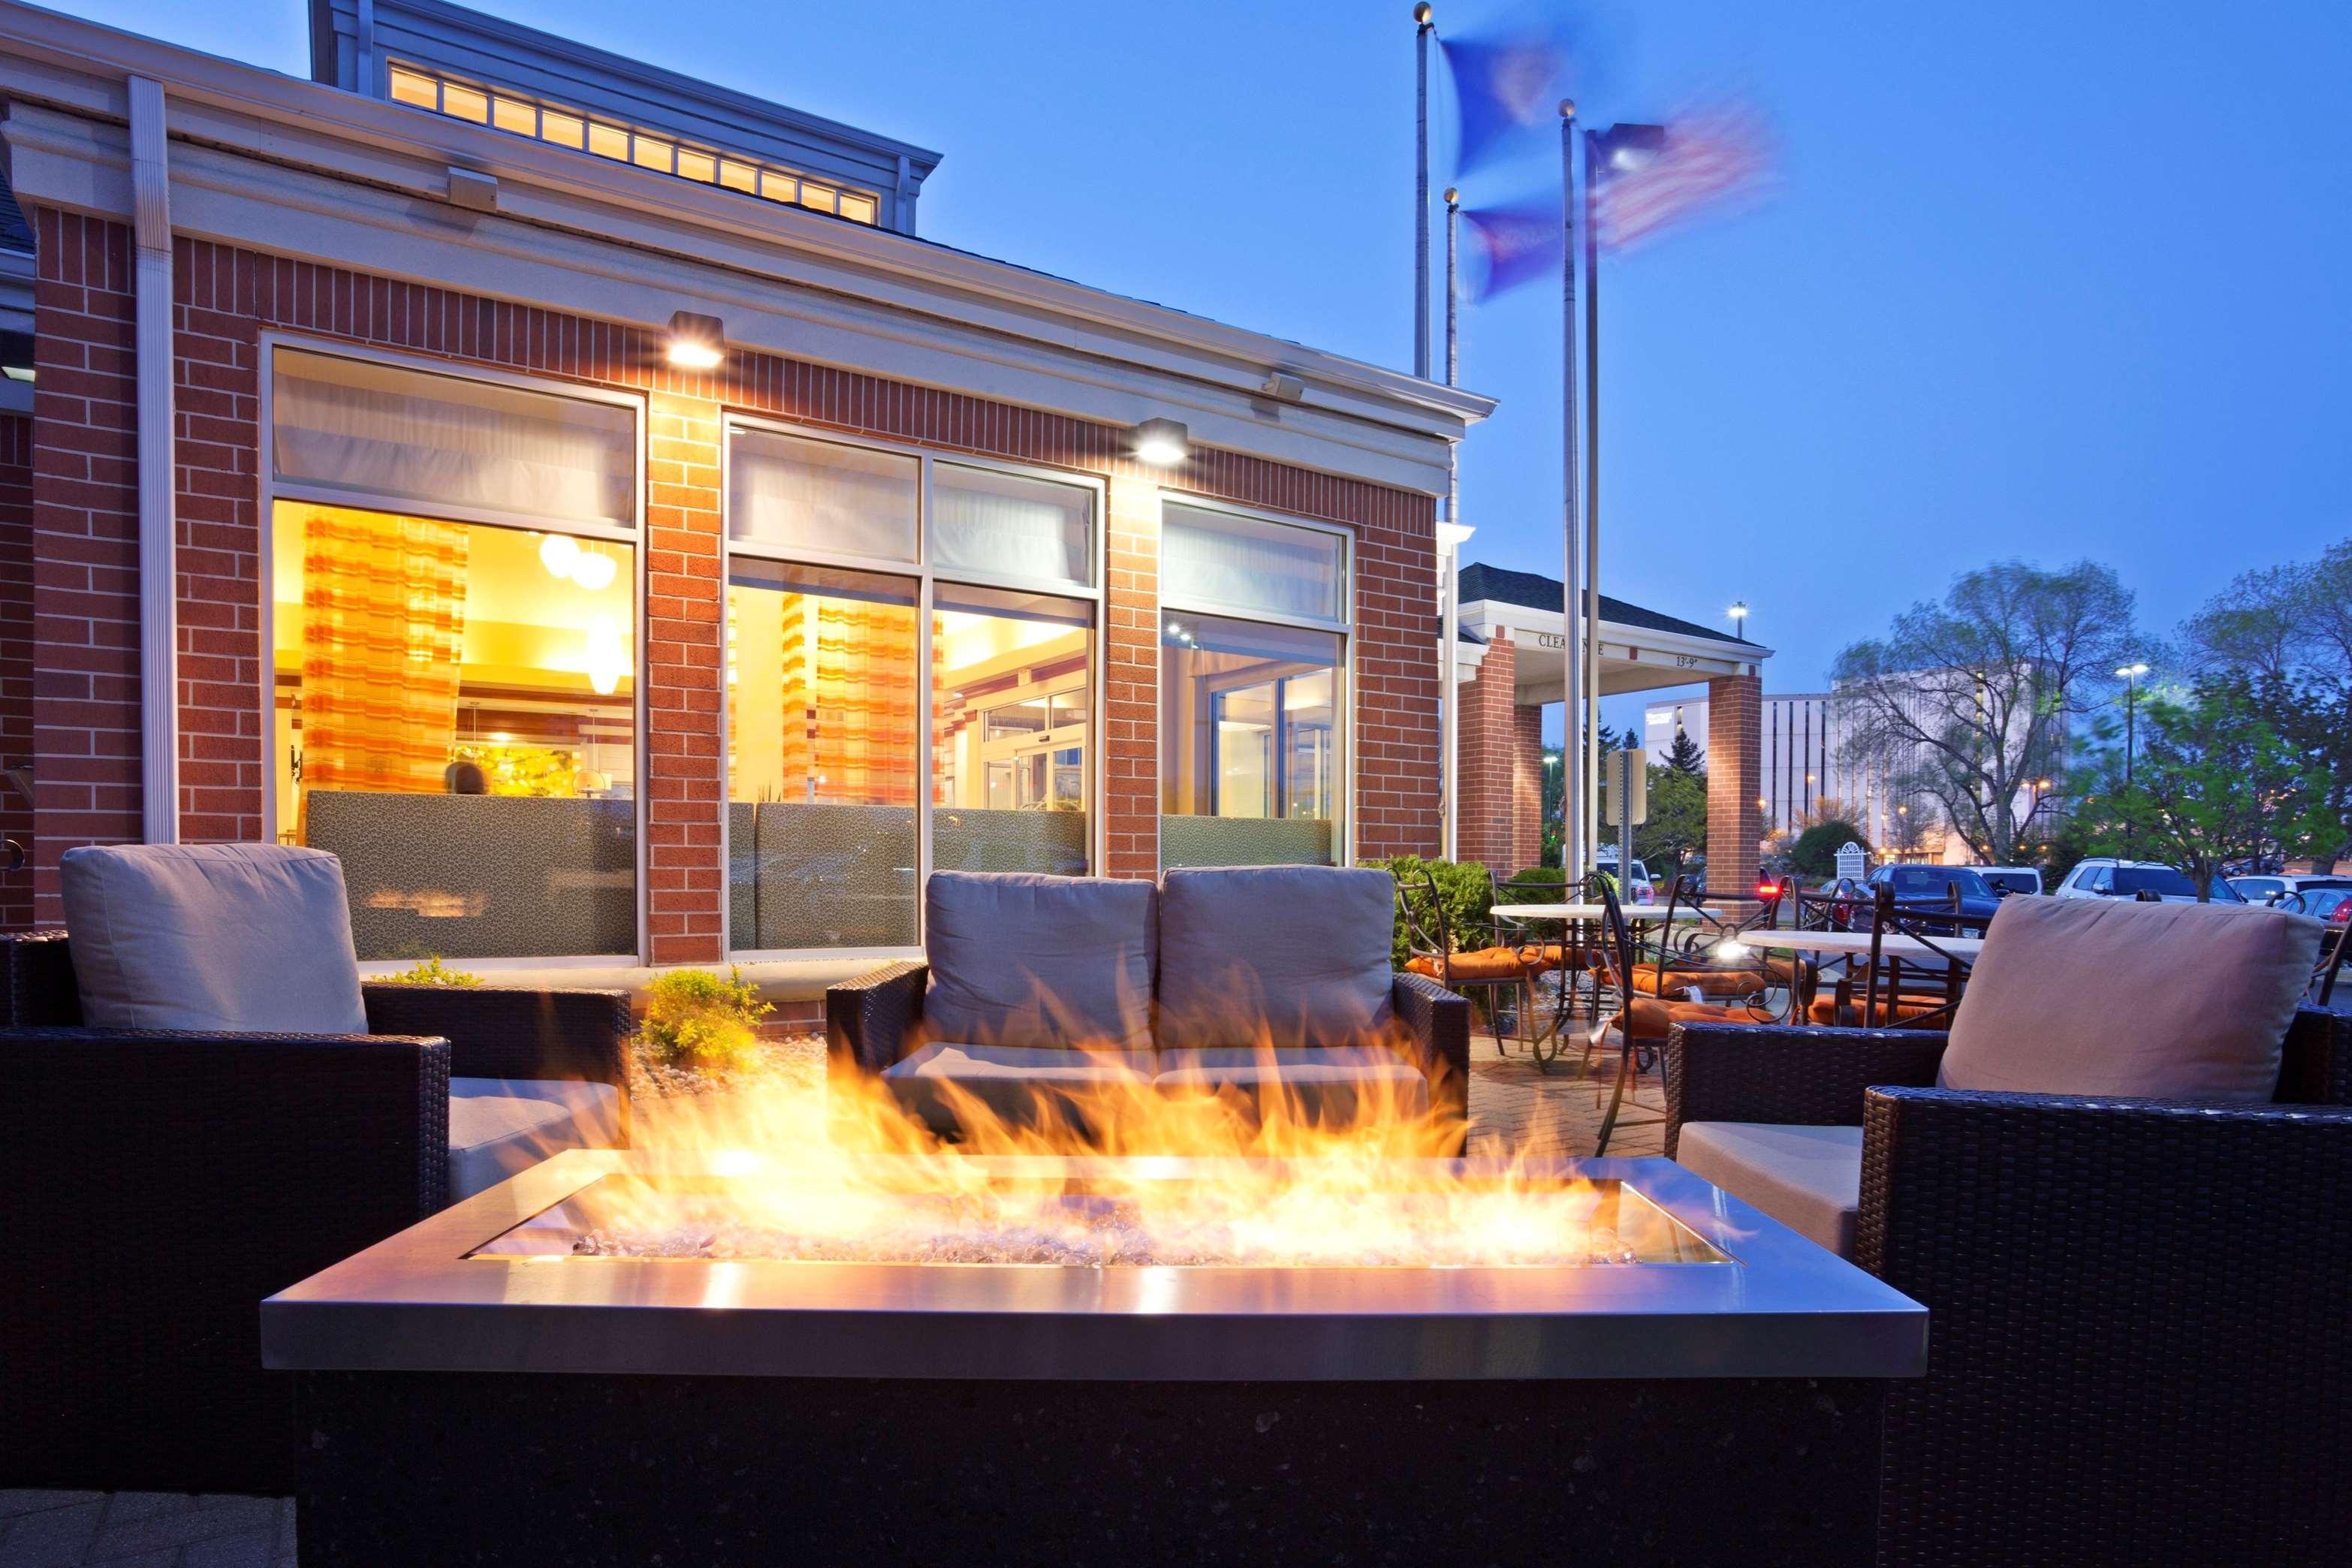 Hilton Garden Inn Minneapolis/Bloomington image 26